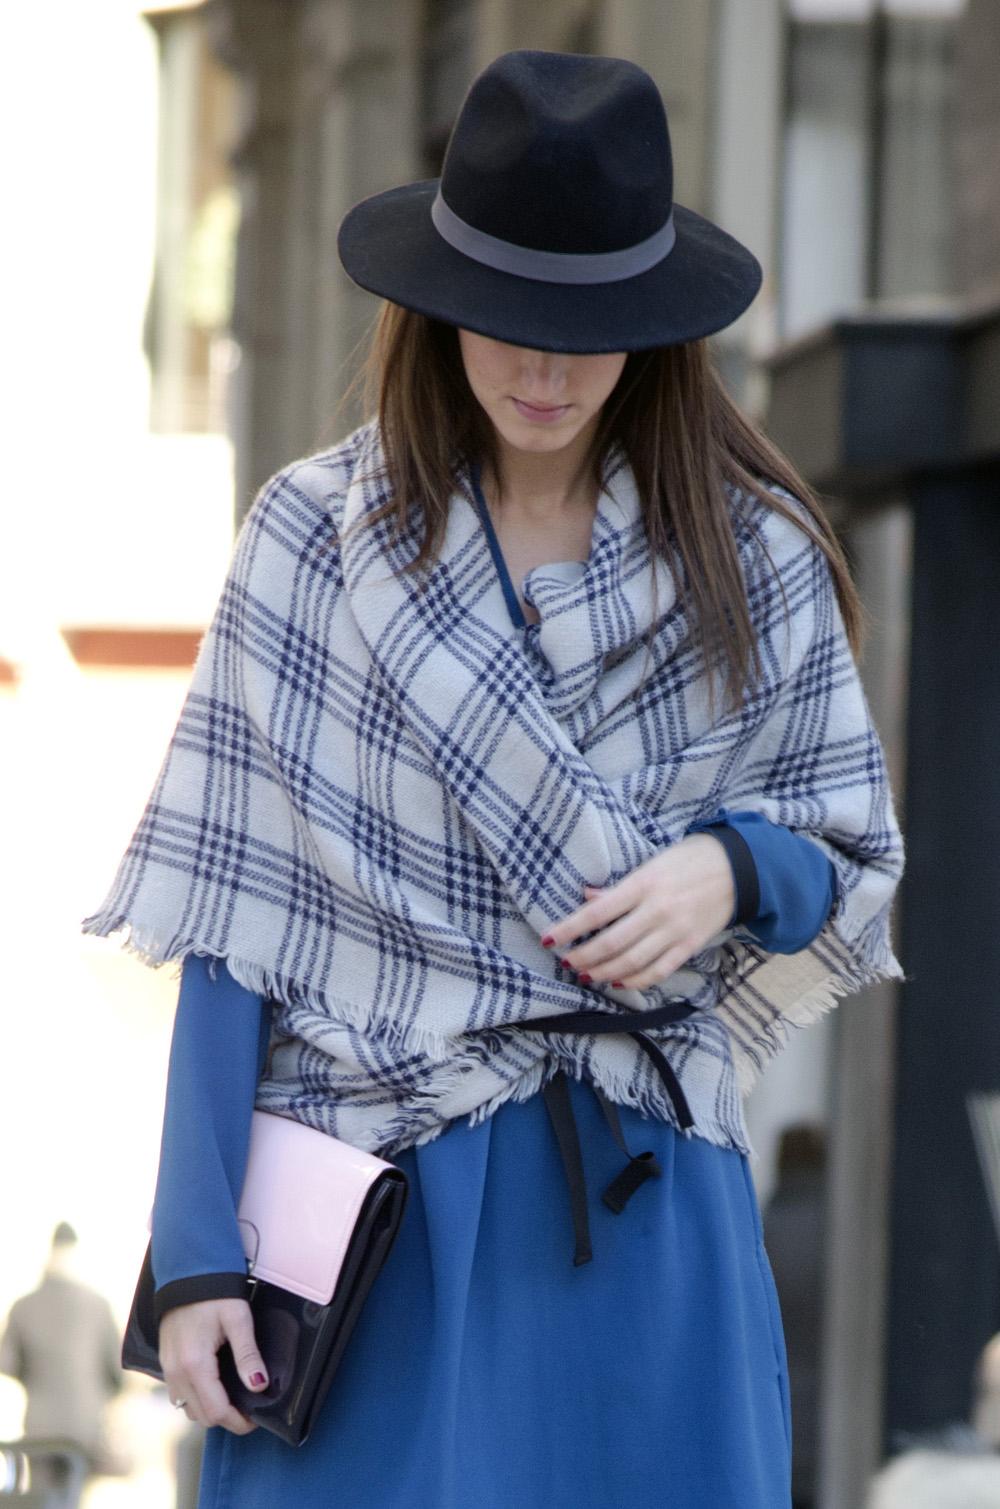 prezzo folle sconto più votato sfumature di Blanket trend: come indossare la sciarpa in modo alternativo